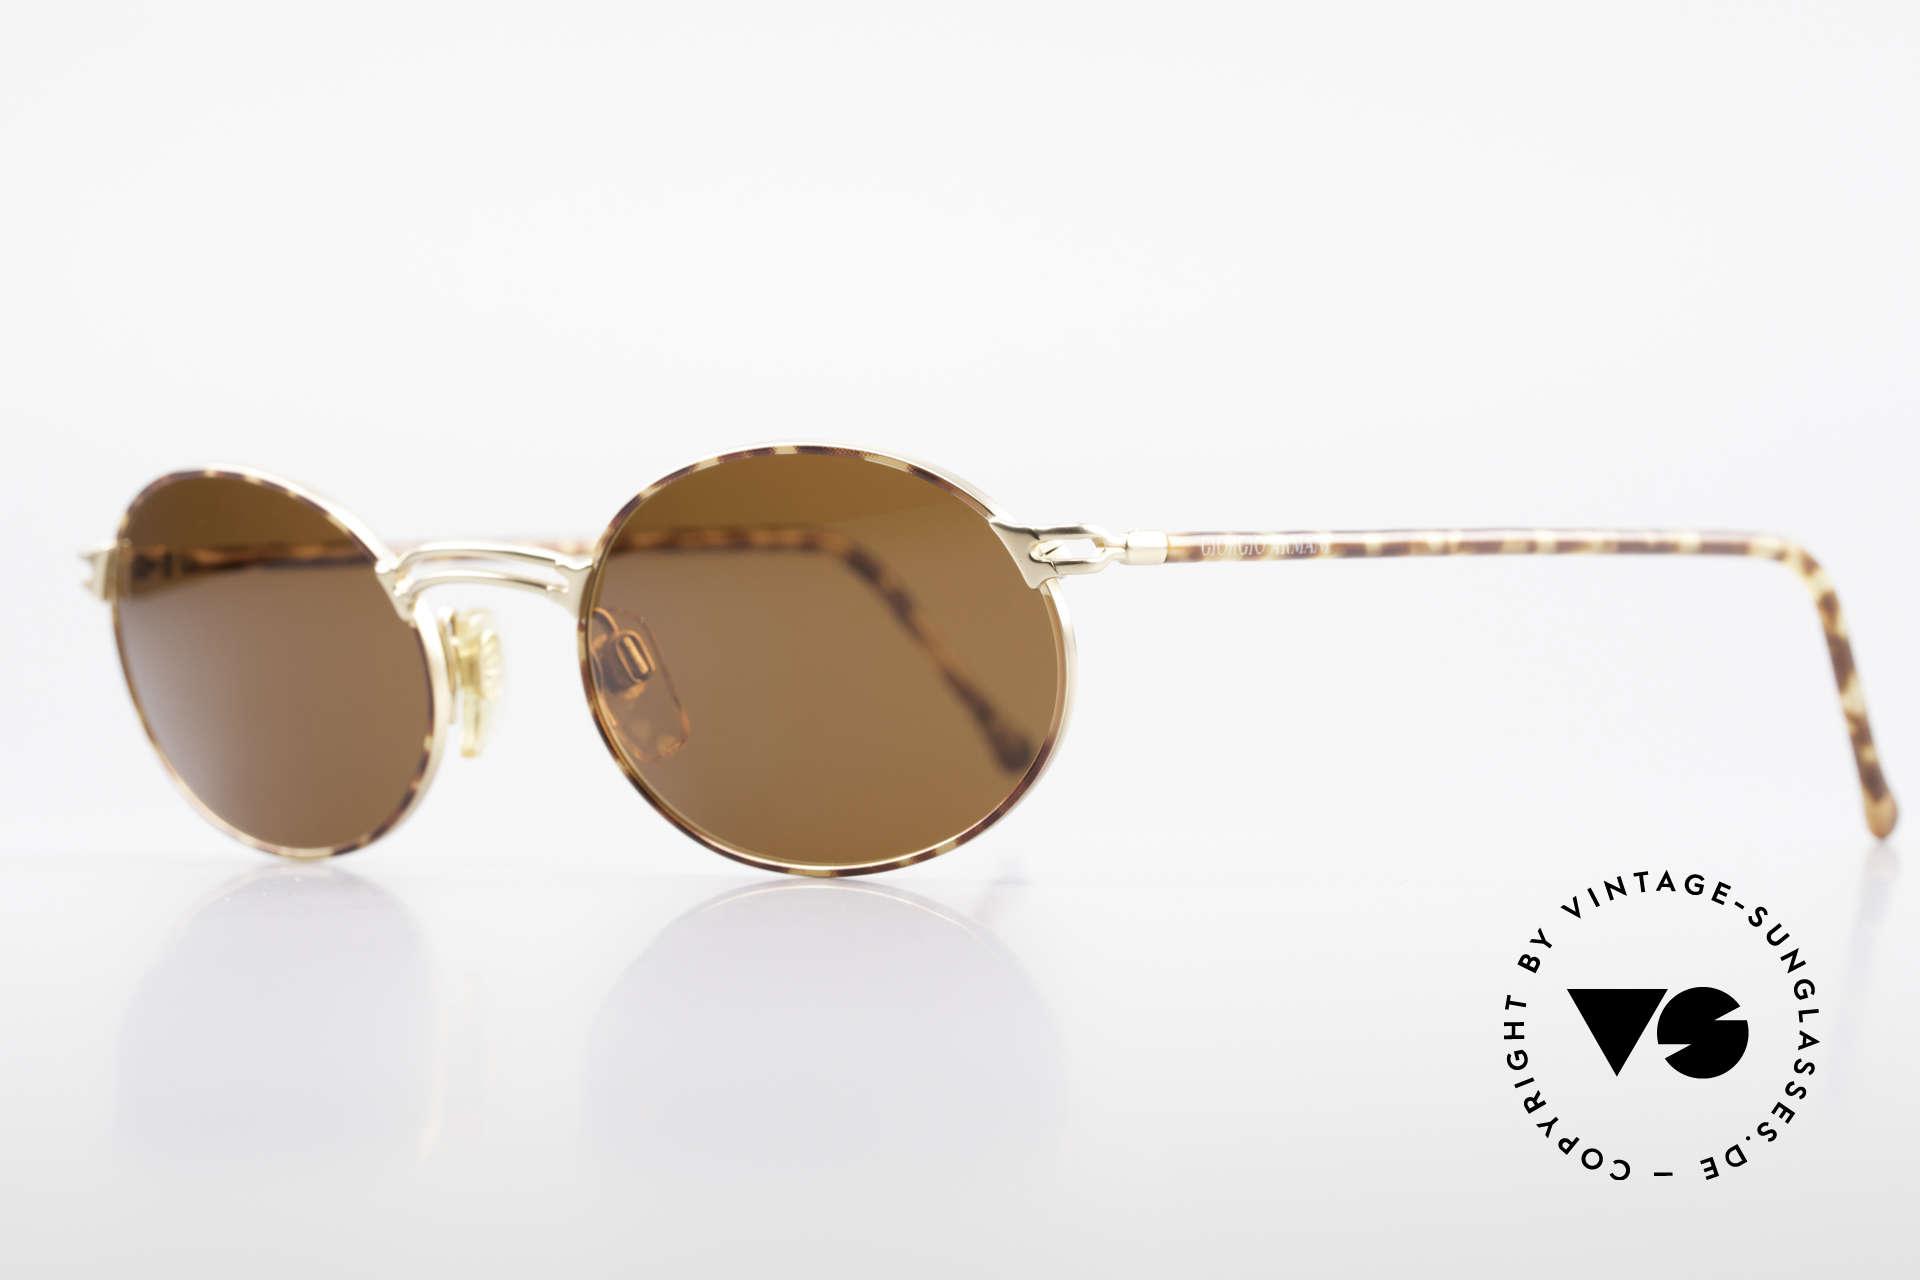 Giorgio Armani 194 Ovale Sonnenbrille No Retro, TOP-Qualität & interessante Kastanien-Lackierung, Passend für Herren und Damen